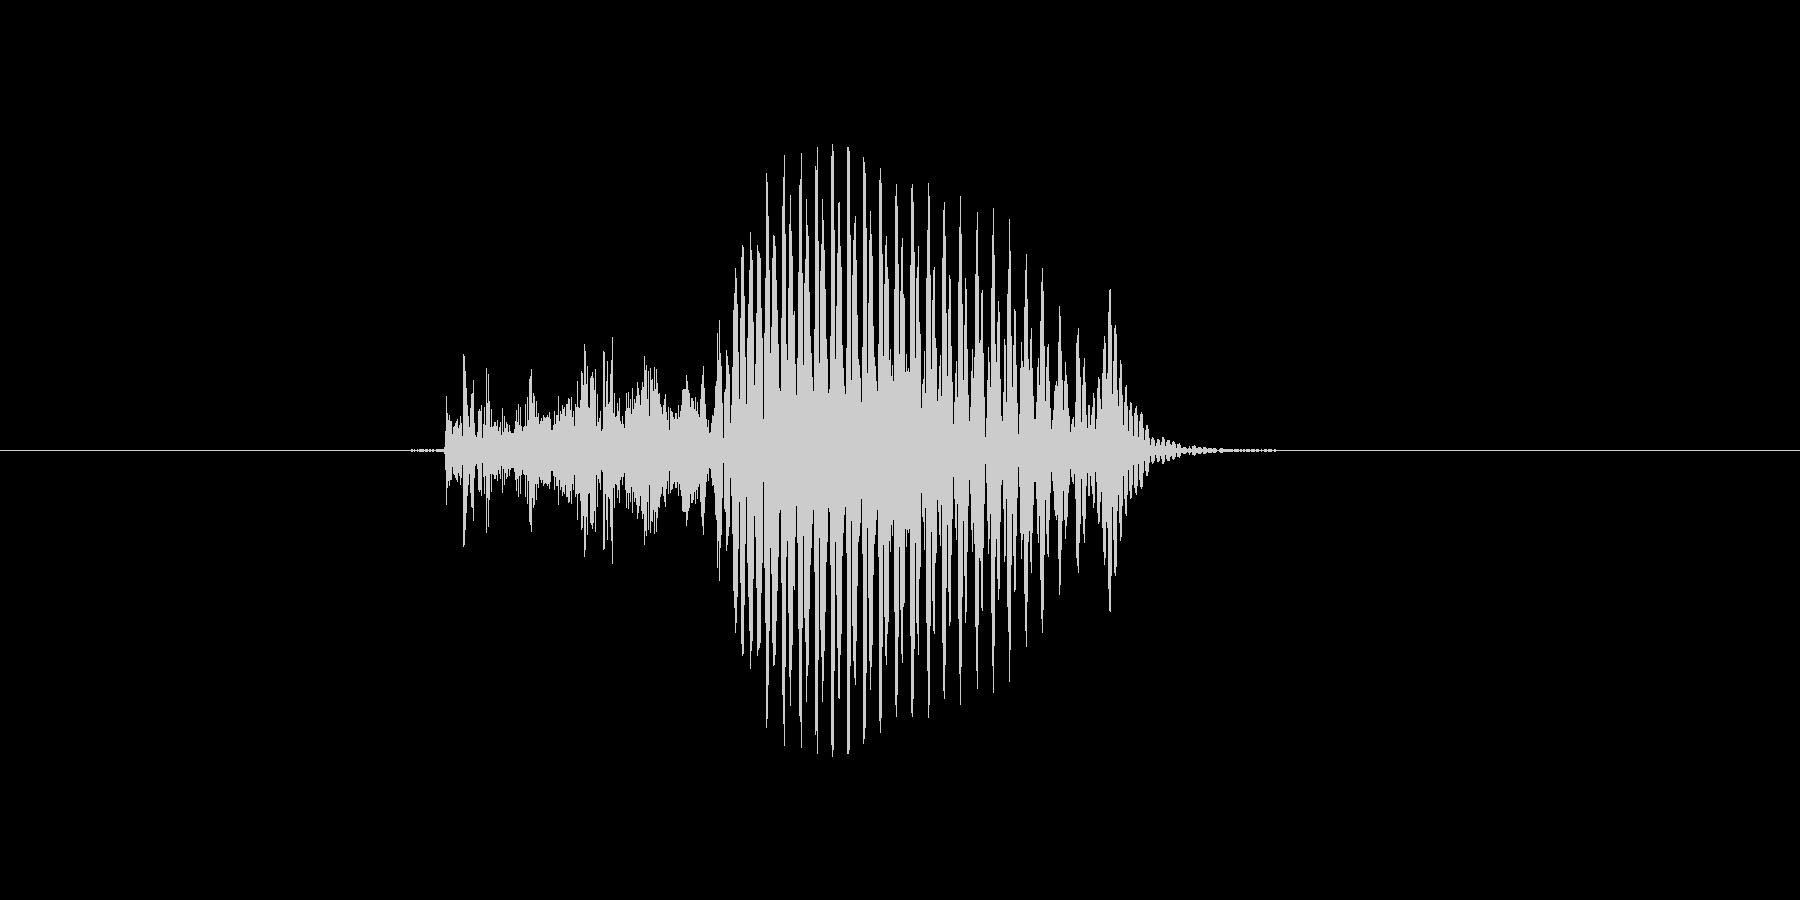 9(9、く)の未再生の波形